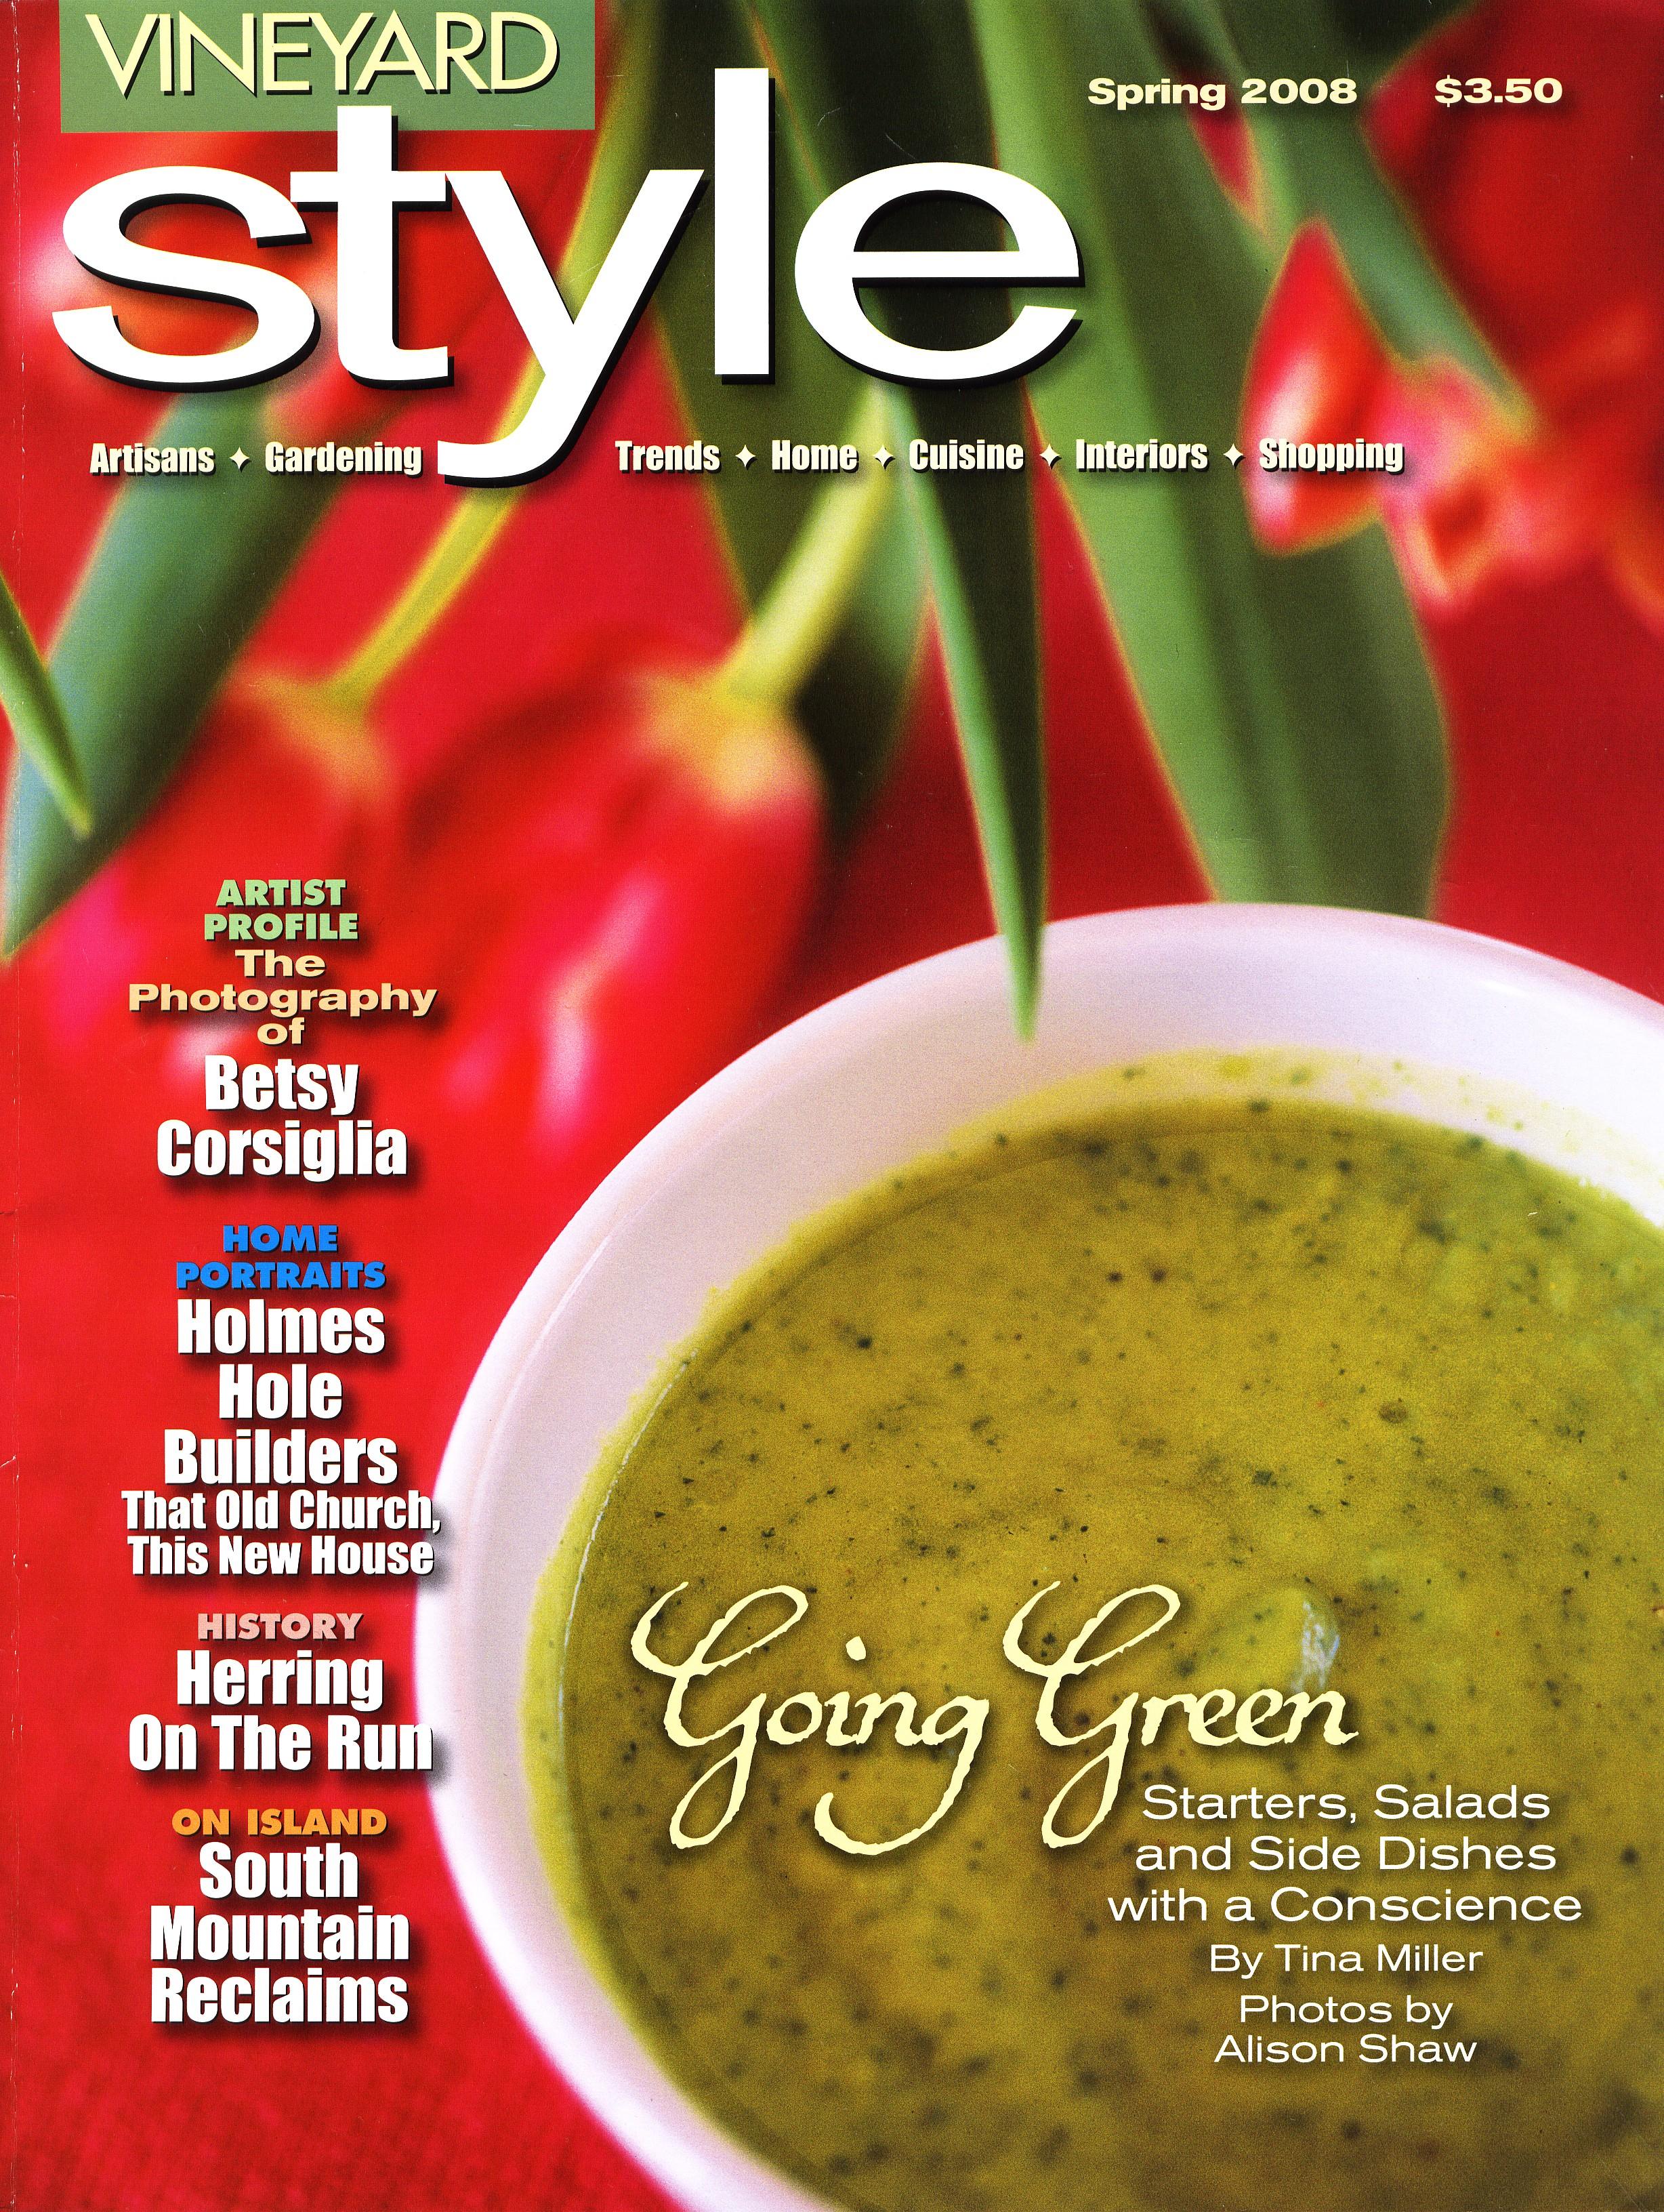 Vineyard Style_Page_1.jpg